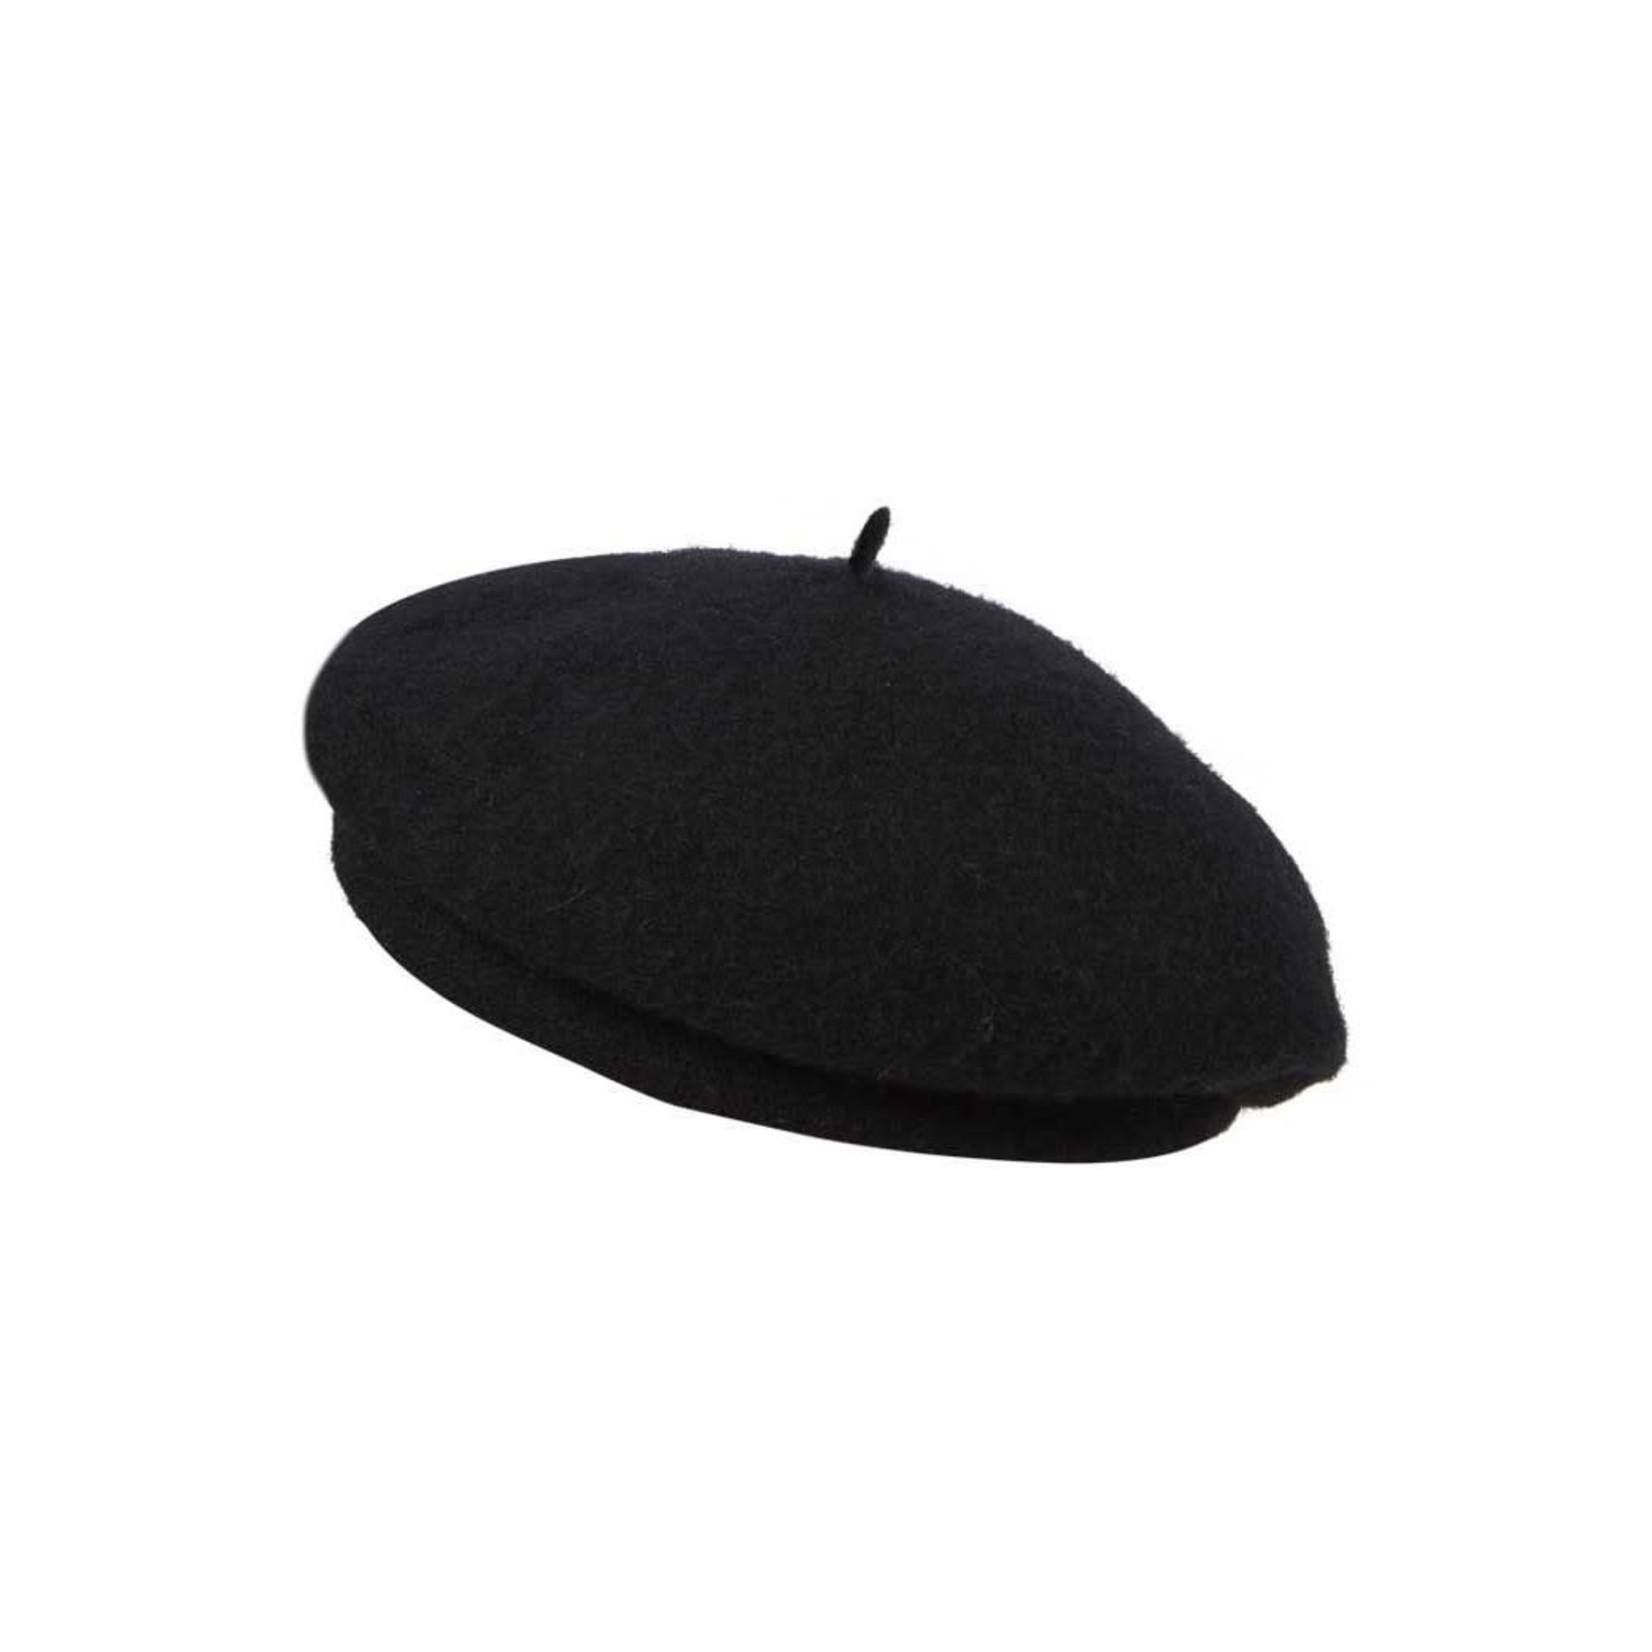 Kooringal Harlow 100% Wool Beret in Black